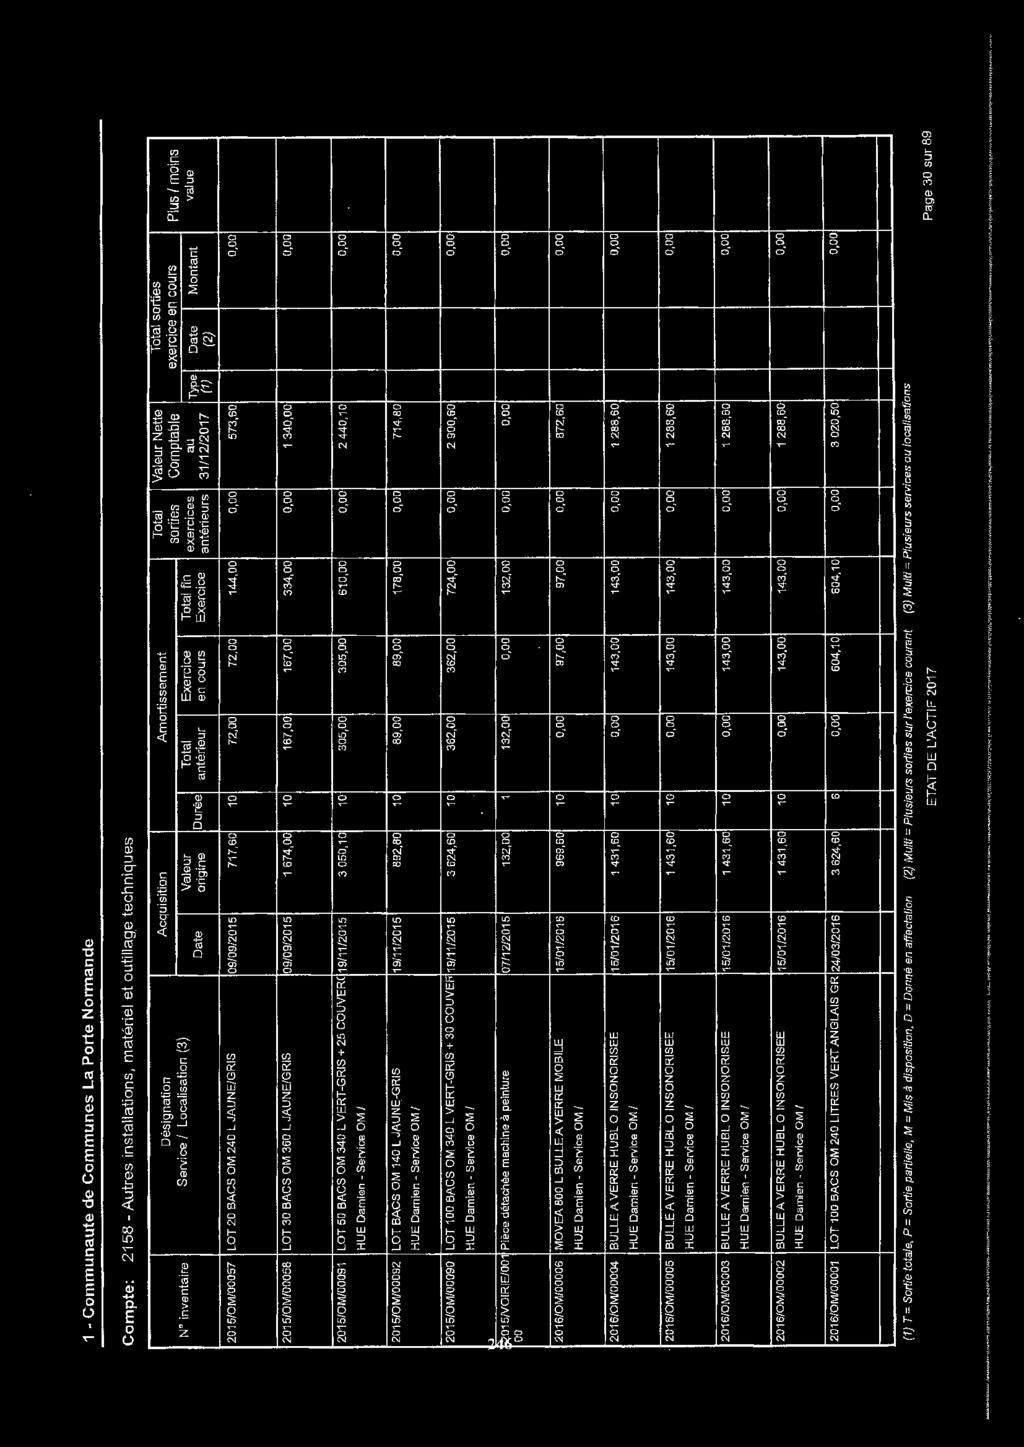 Table Exterieur Fer forgé Unique Acquisition Amortissement total Valeur Nette total sorties Of 21 Élégant Table Exterieur Fer forgé